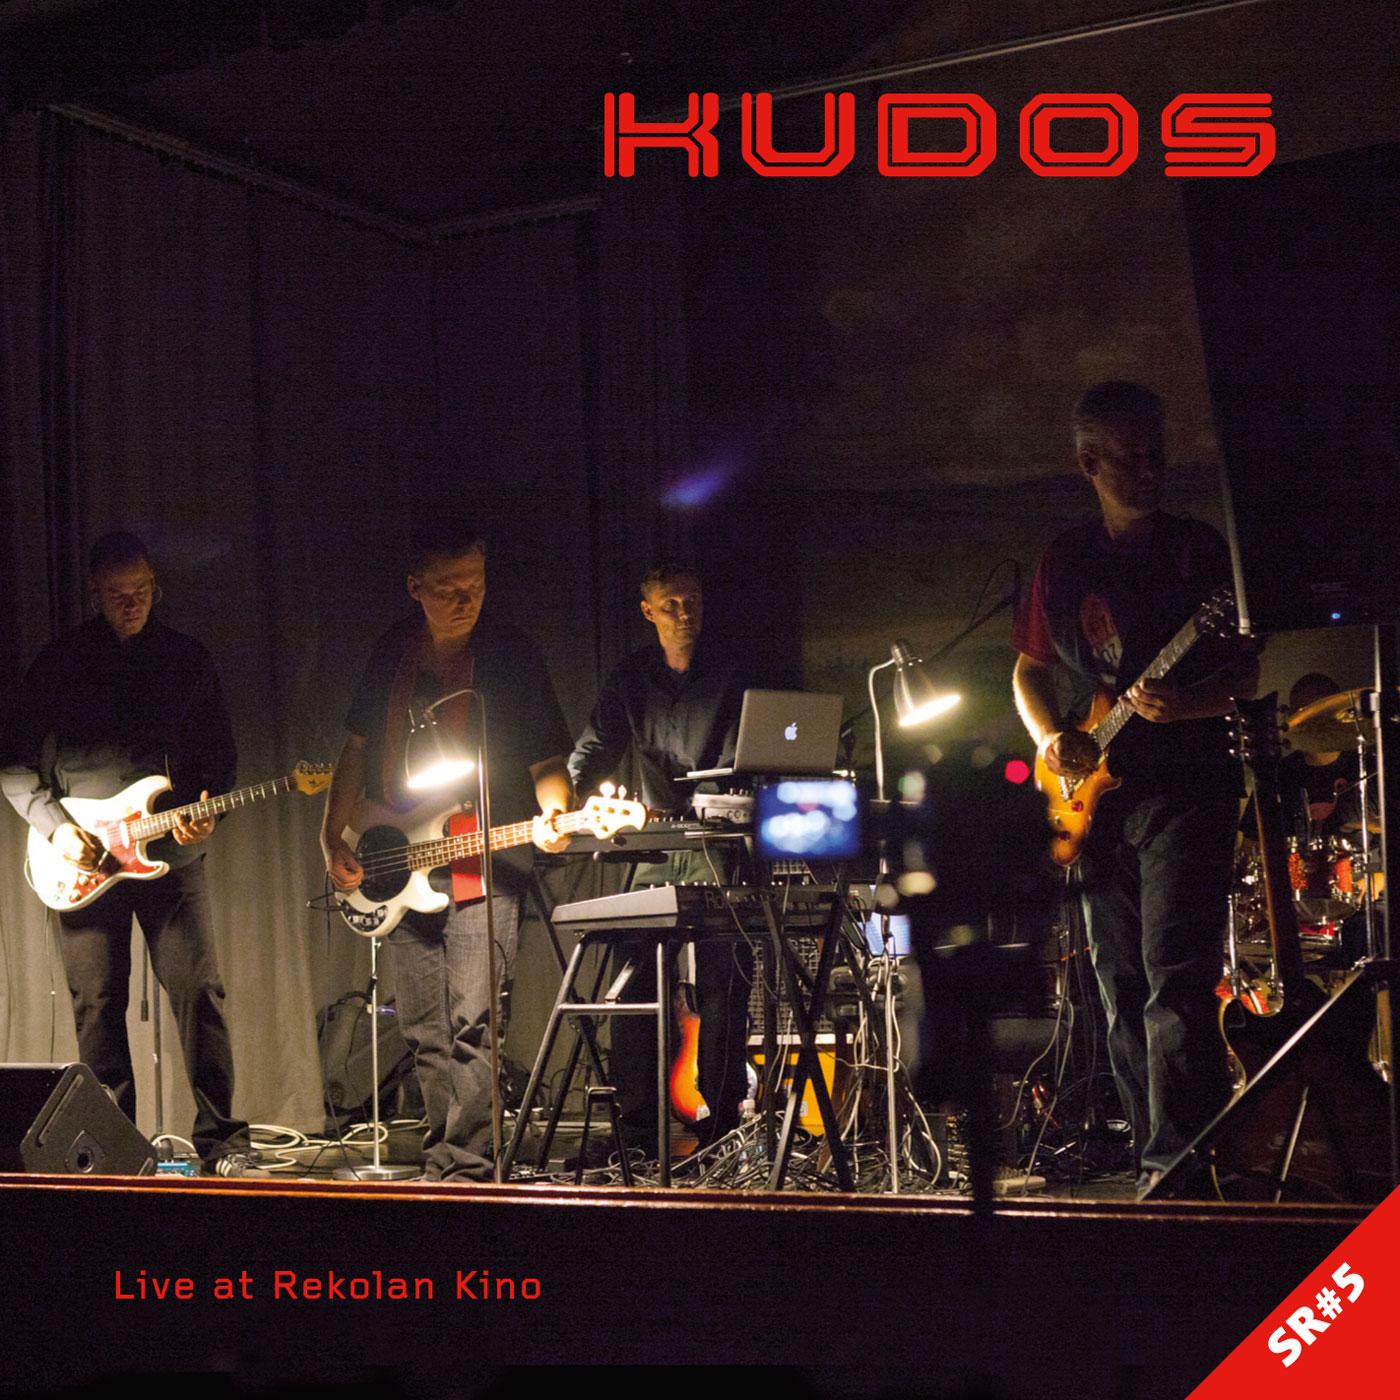 Kudos: LIVE at Rekolan Kino